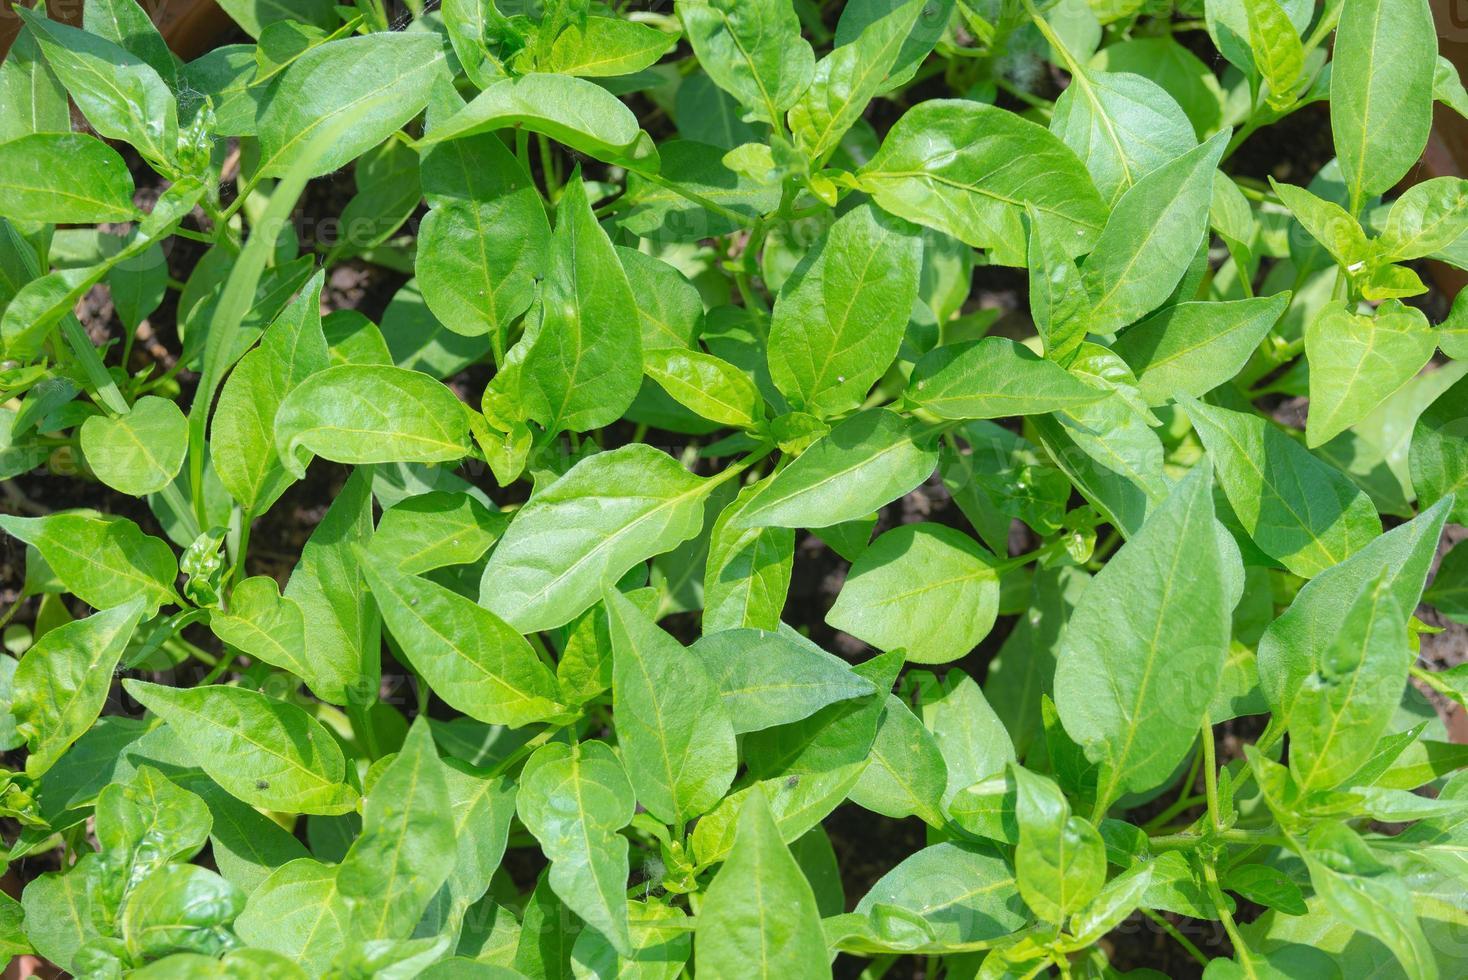 légumes bio faits maison photo